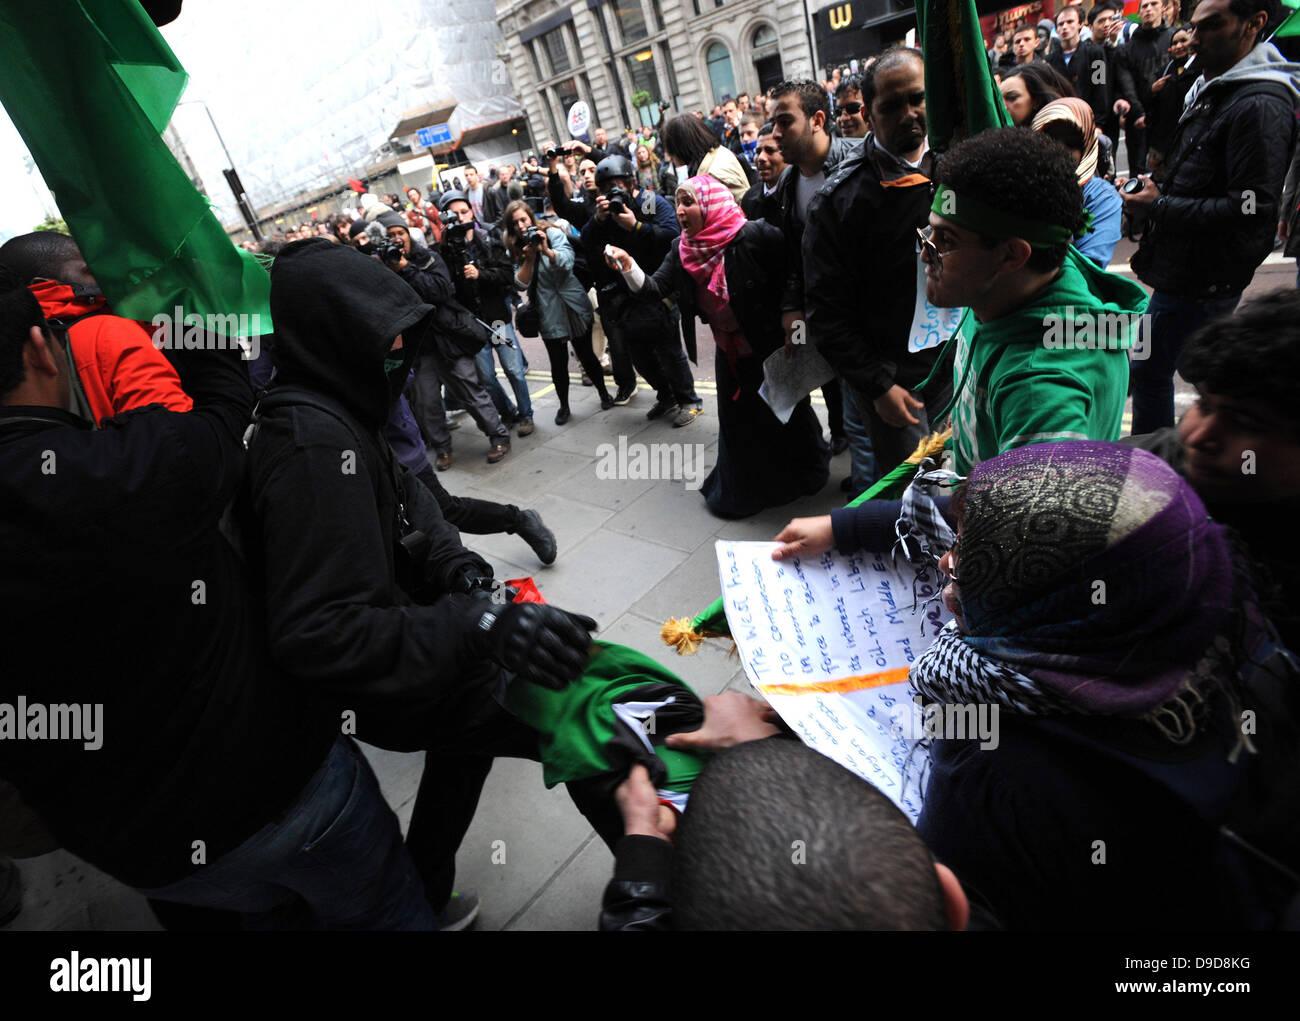 Libysche pro-Gaddafi-Anhänger attackieren gewaltsam eine Gruppe von Demonstranten, die die Flagge der libyschen Stockbild